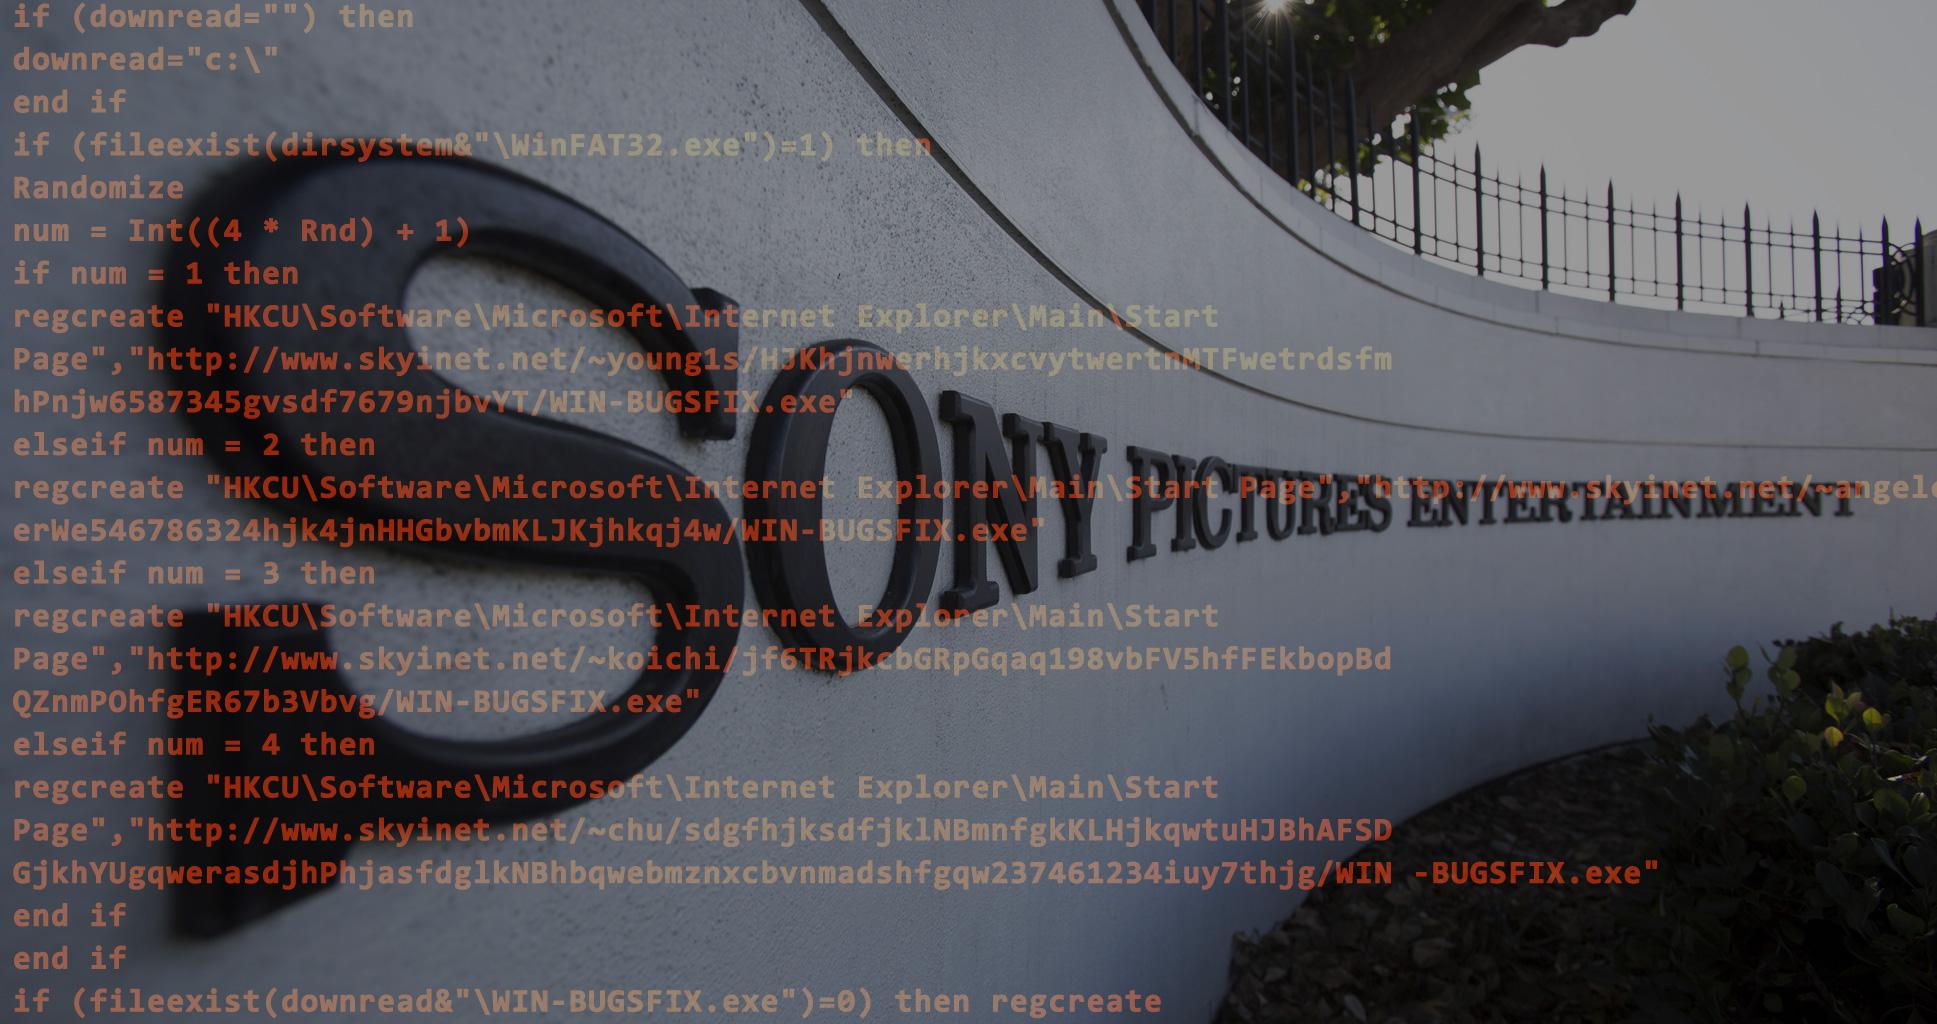 Comment Oliver Stone a protégé des hackers son biopic sur Snowden